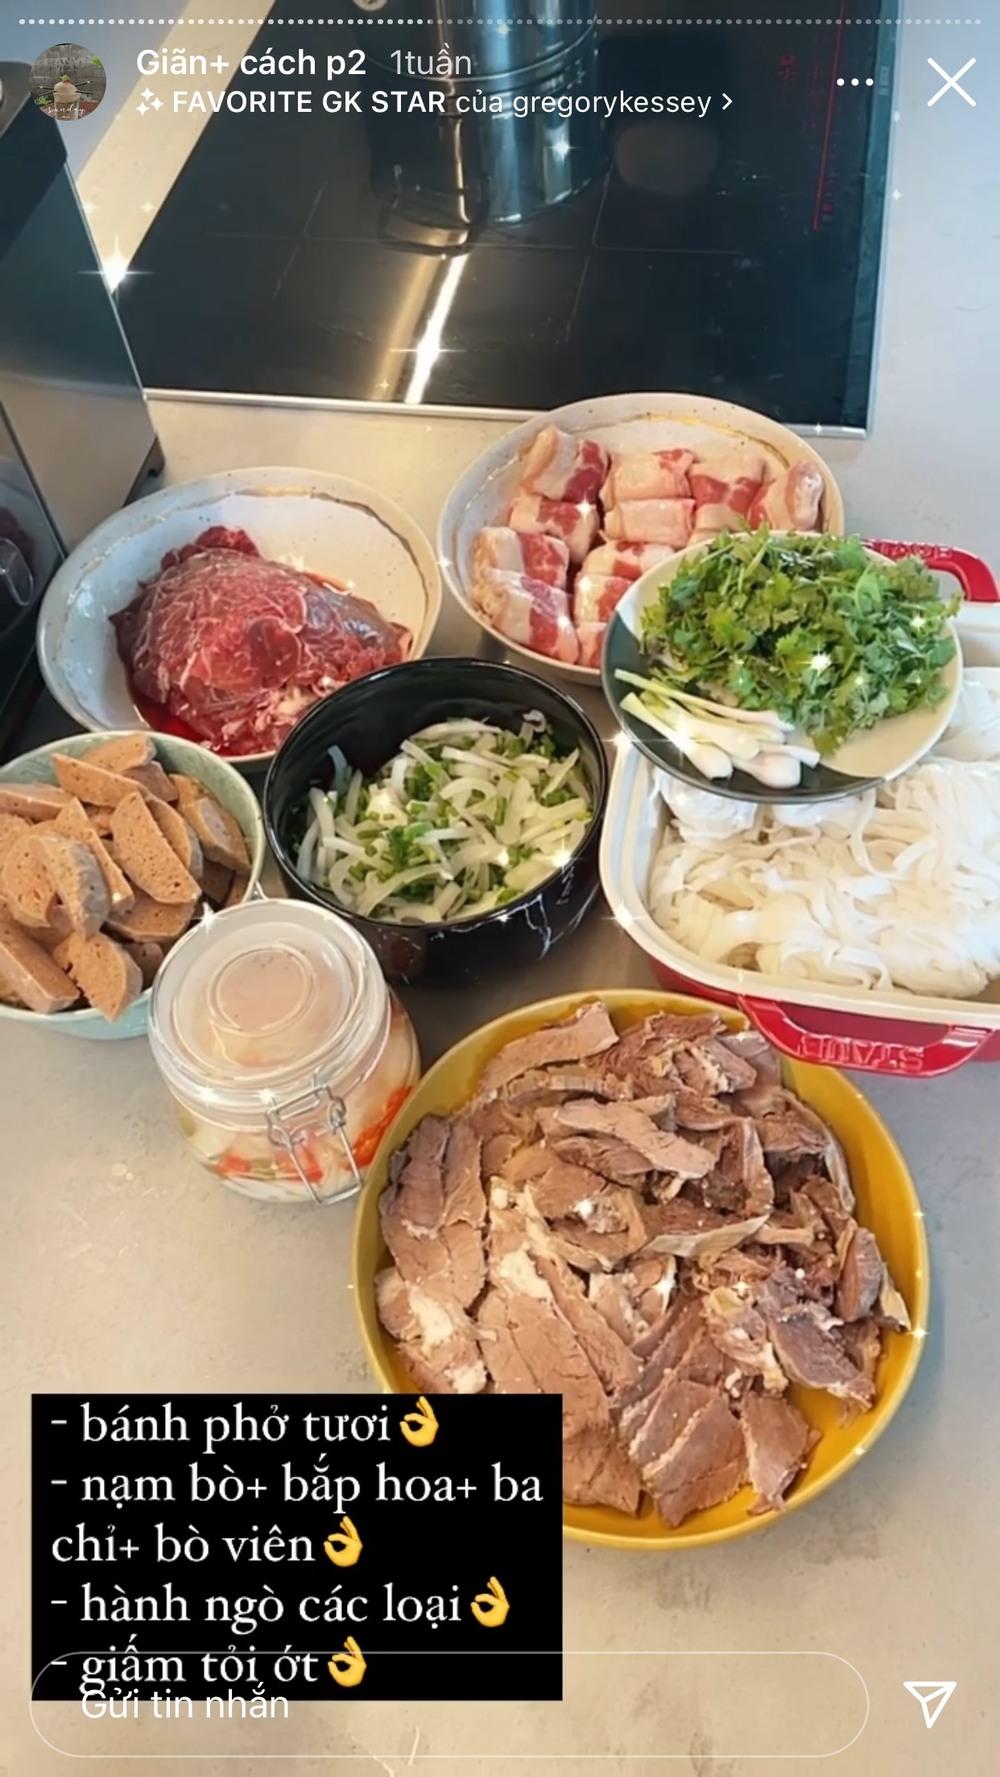 Tóc Tiên hóa Master Chef mùa dịch, vỗ béo Hoàng Touliver